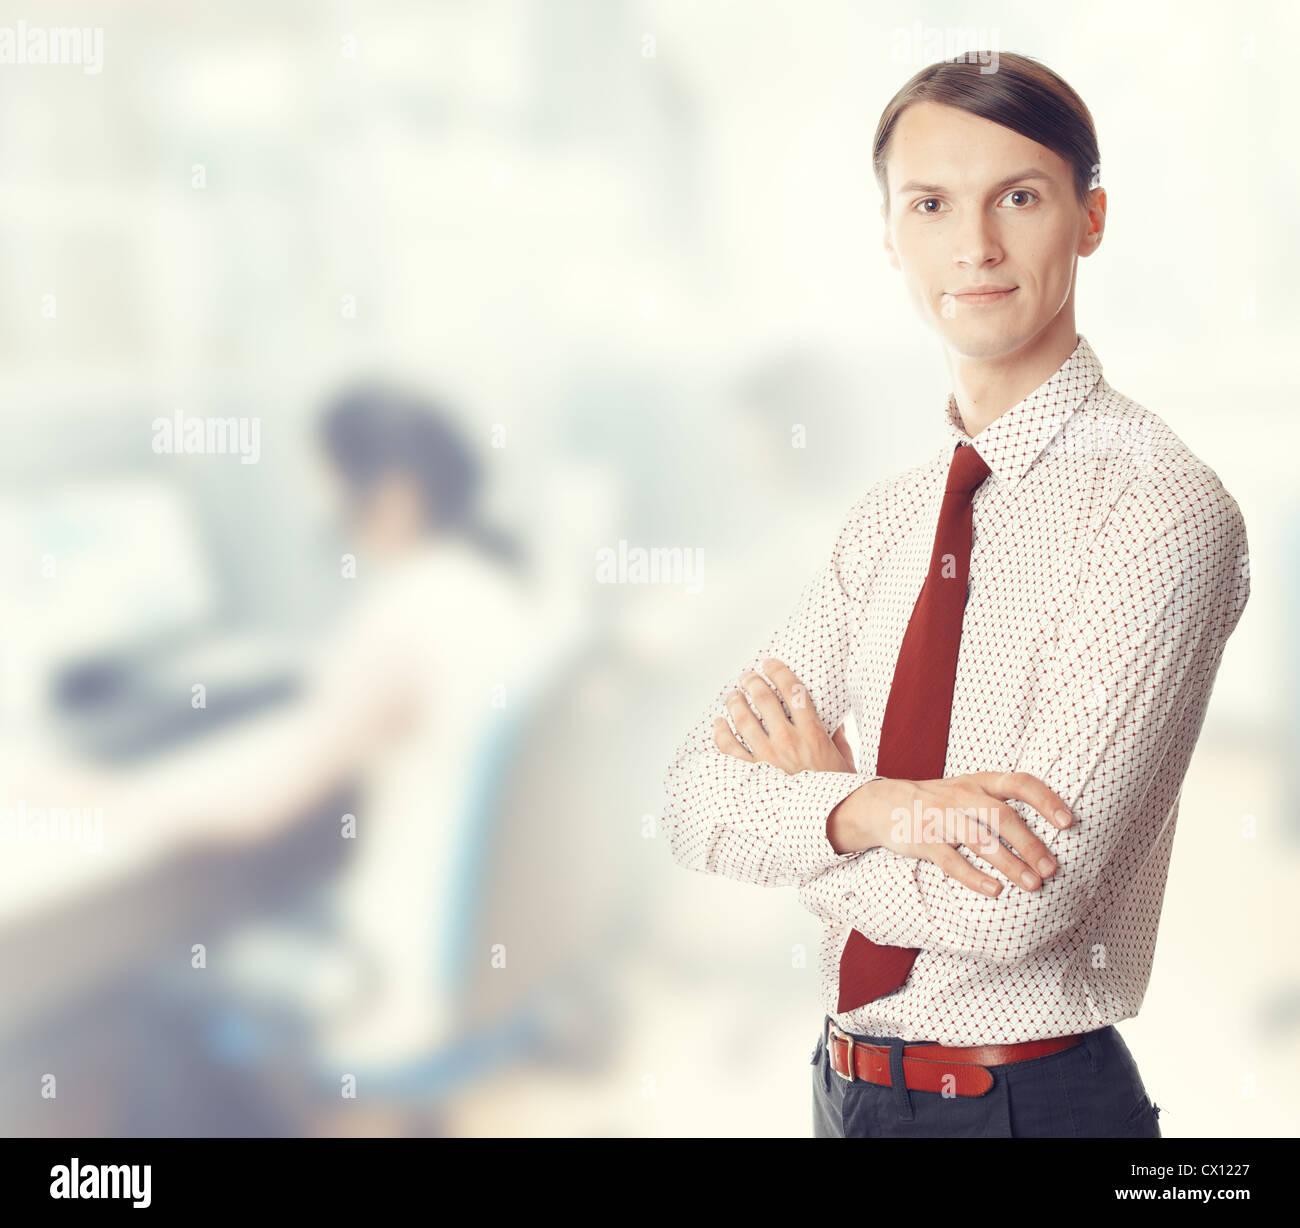 Joven empresario está en efecto de desenfoque de oficina. Fotografía en color Imagen De Stock